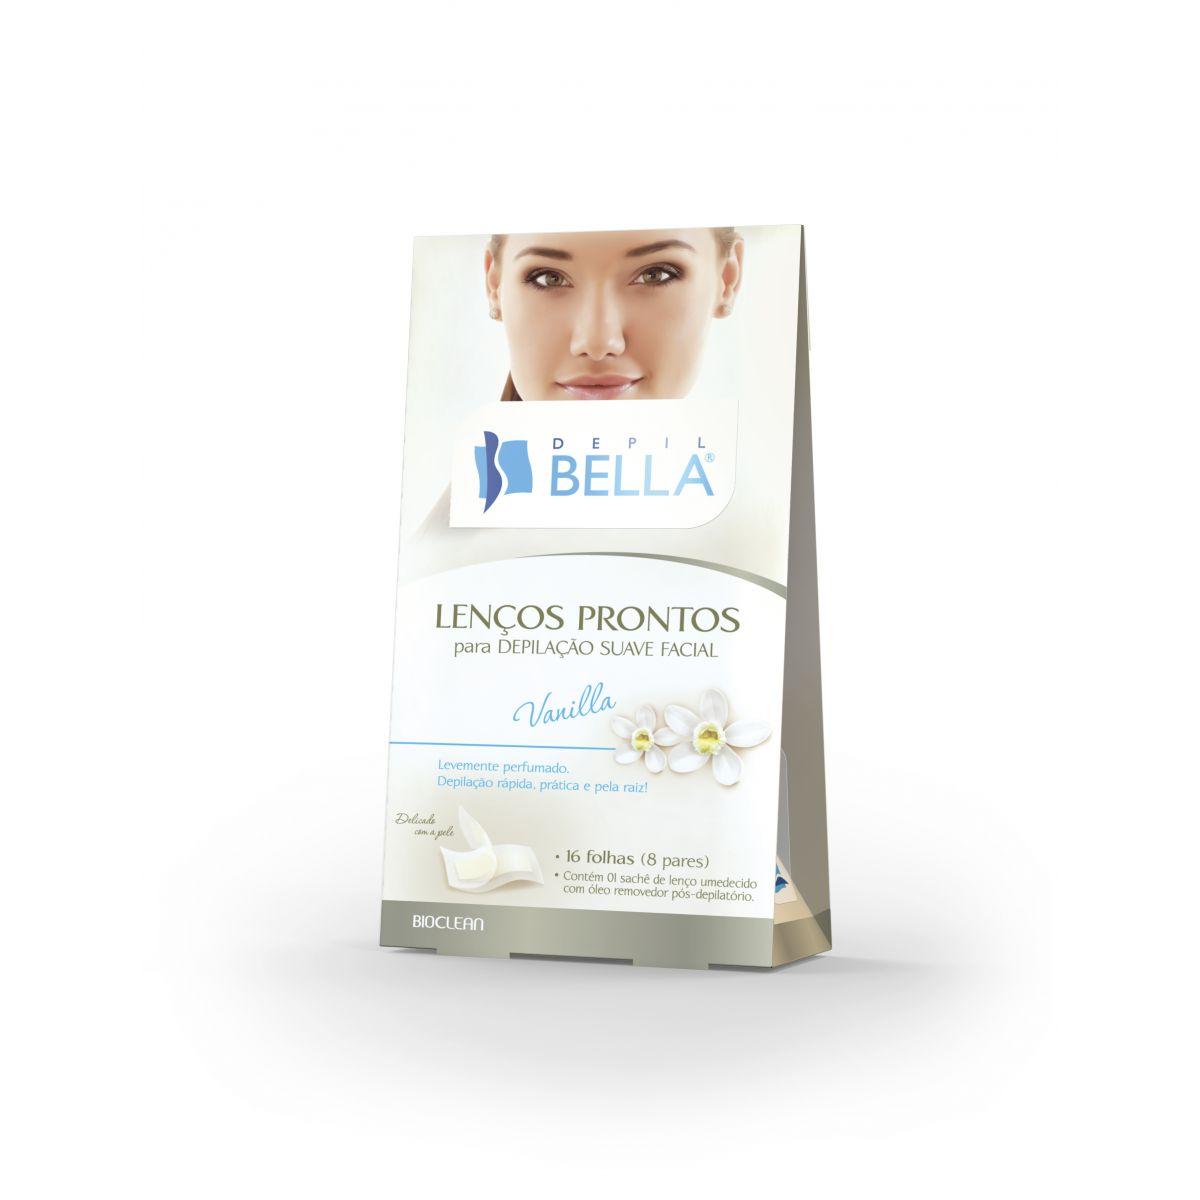 Lenços Prontos Depilação Suave Facial Vanilla 16 Folhas